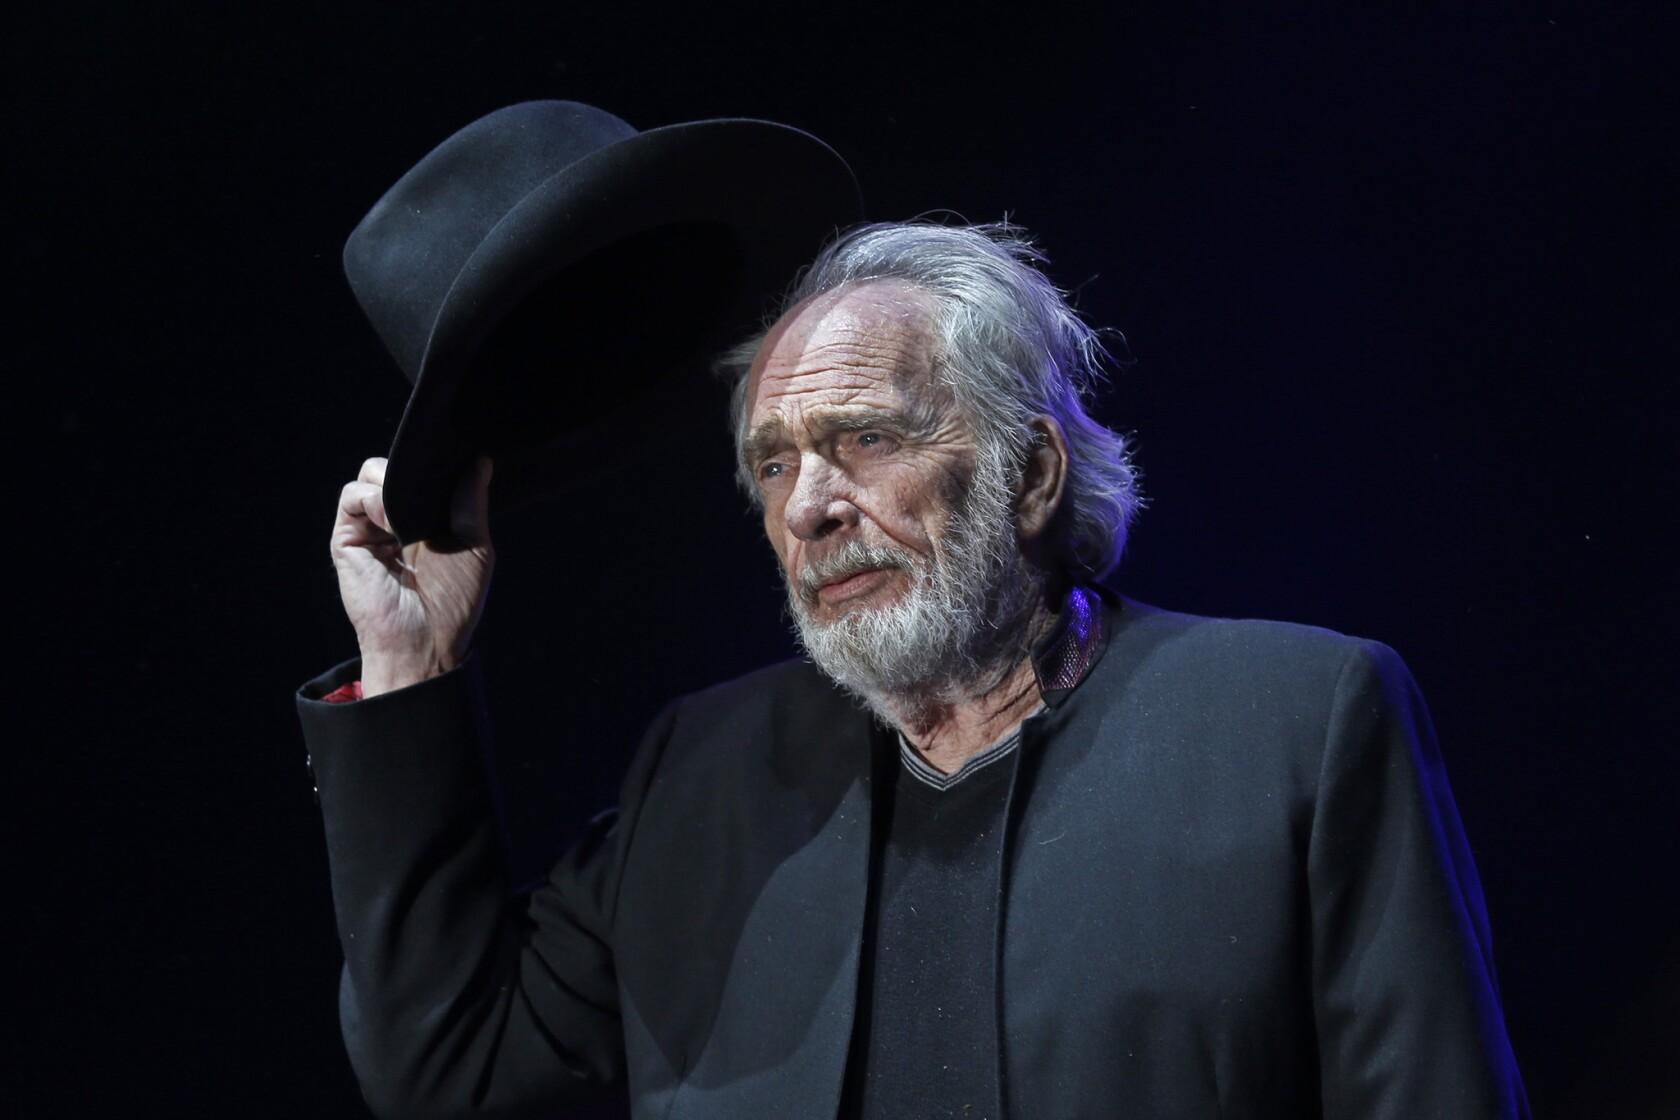 Merle Haggard dies at 79